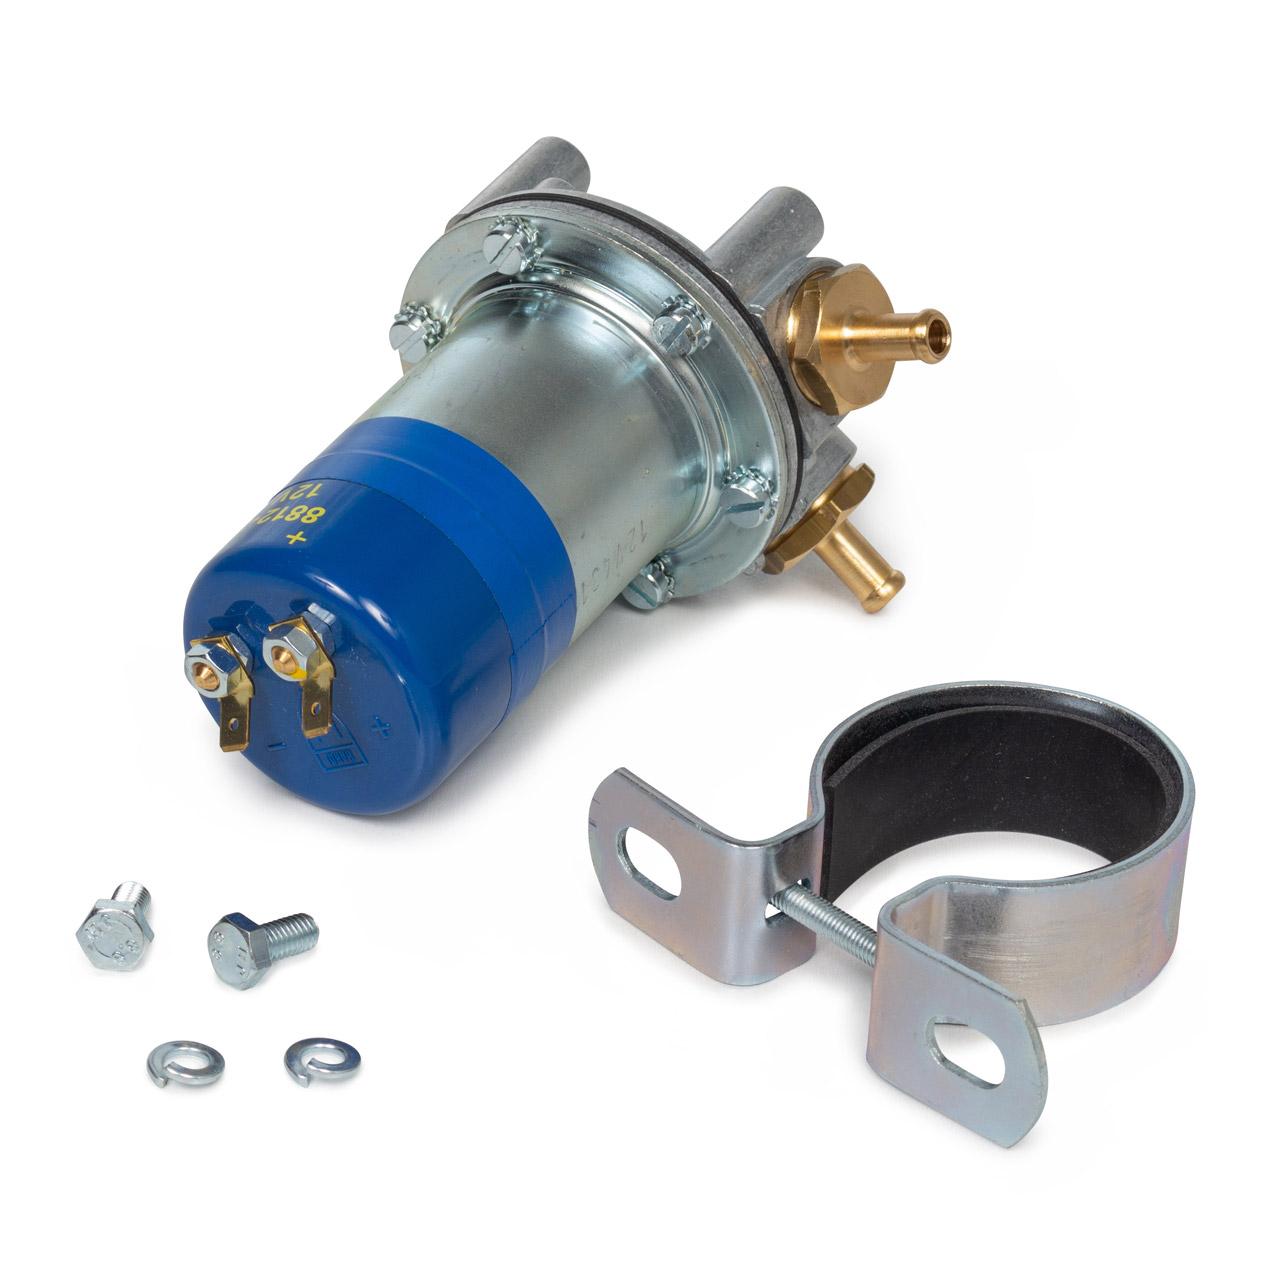 Kraftstoffpumpe für PORSCHE 911 2.0 L / E / S + 912 1.6 bis 1968 90160810600